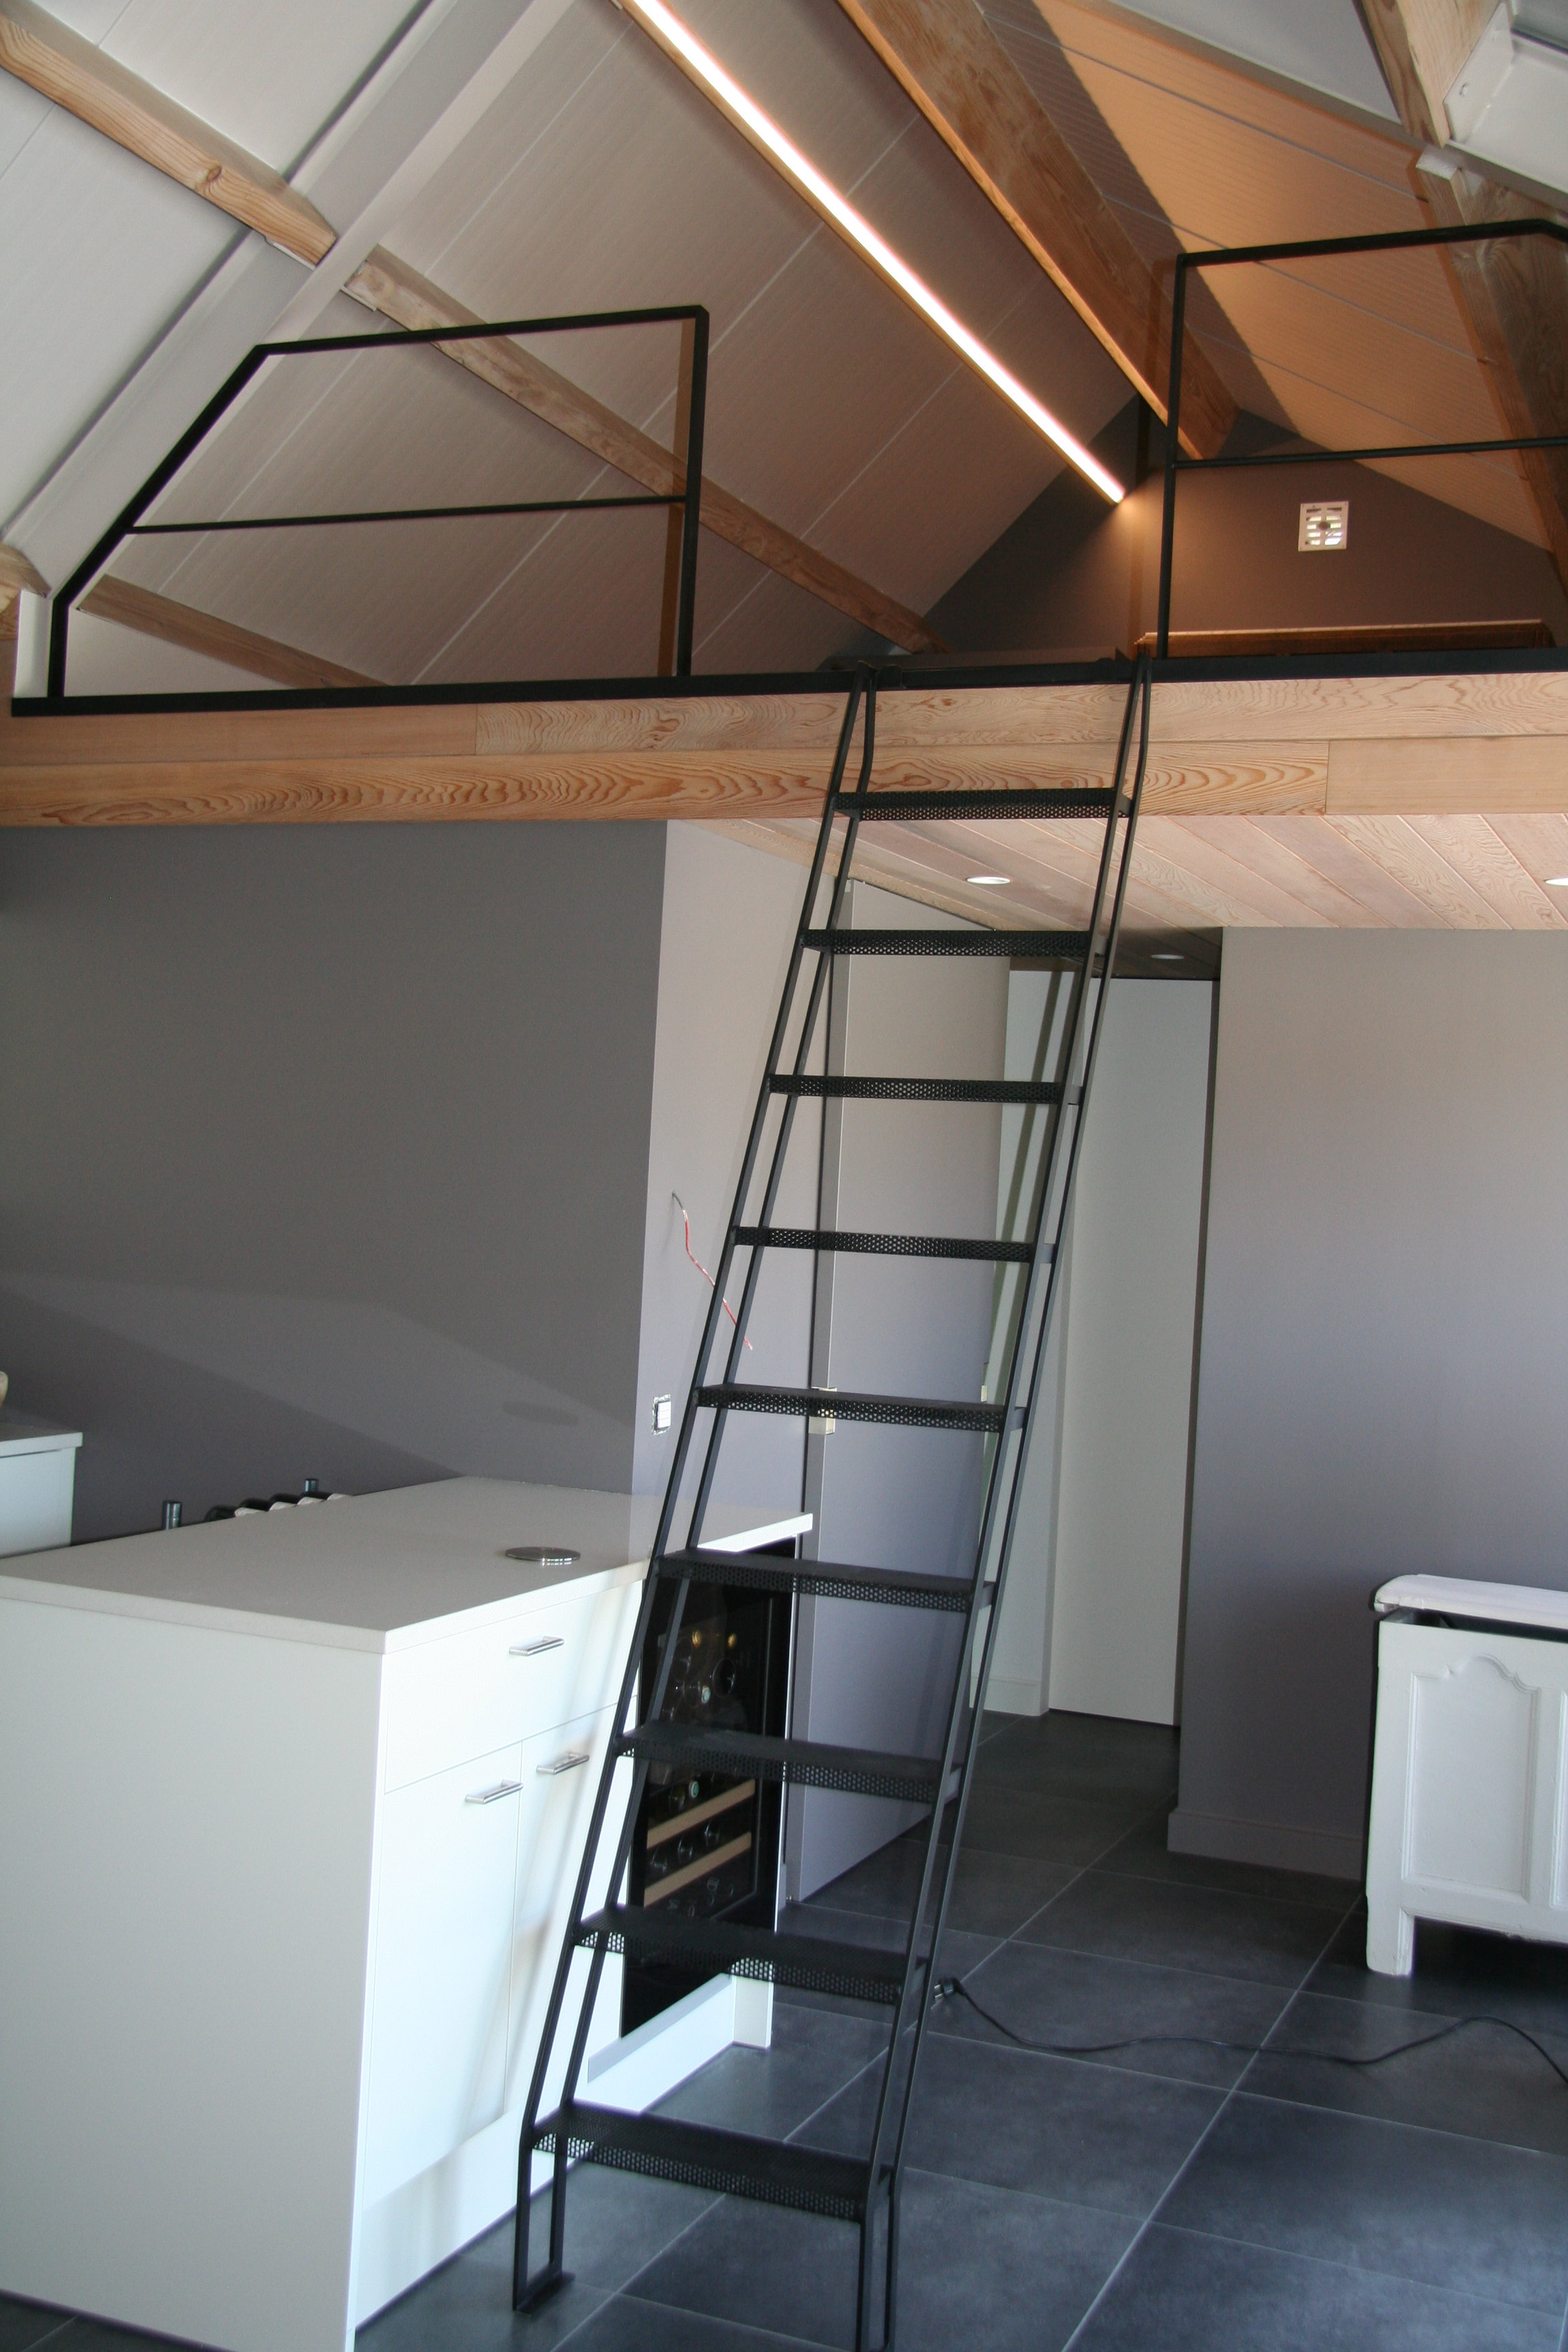 stalen trap naar mezzanine met stalen balustrade